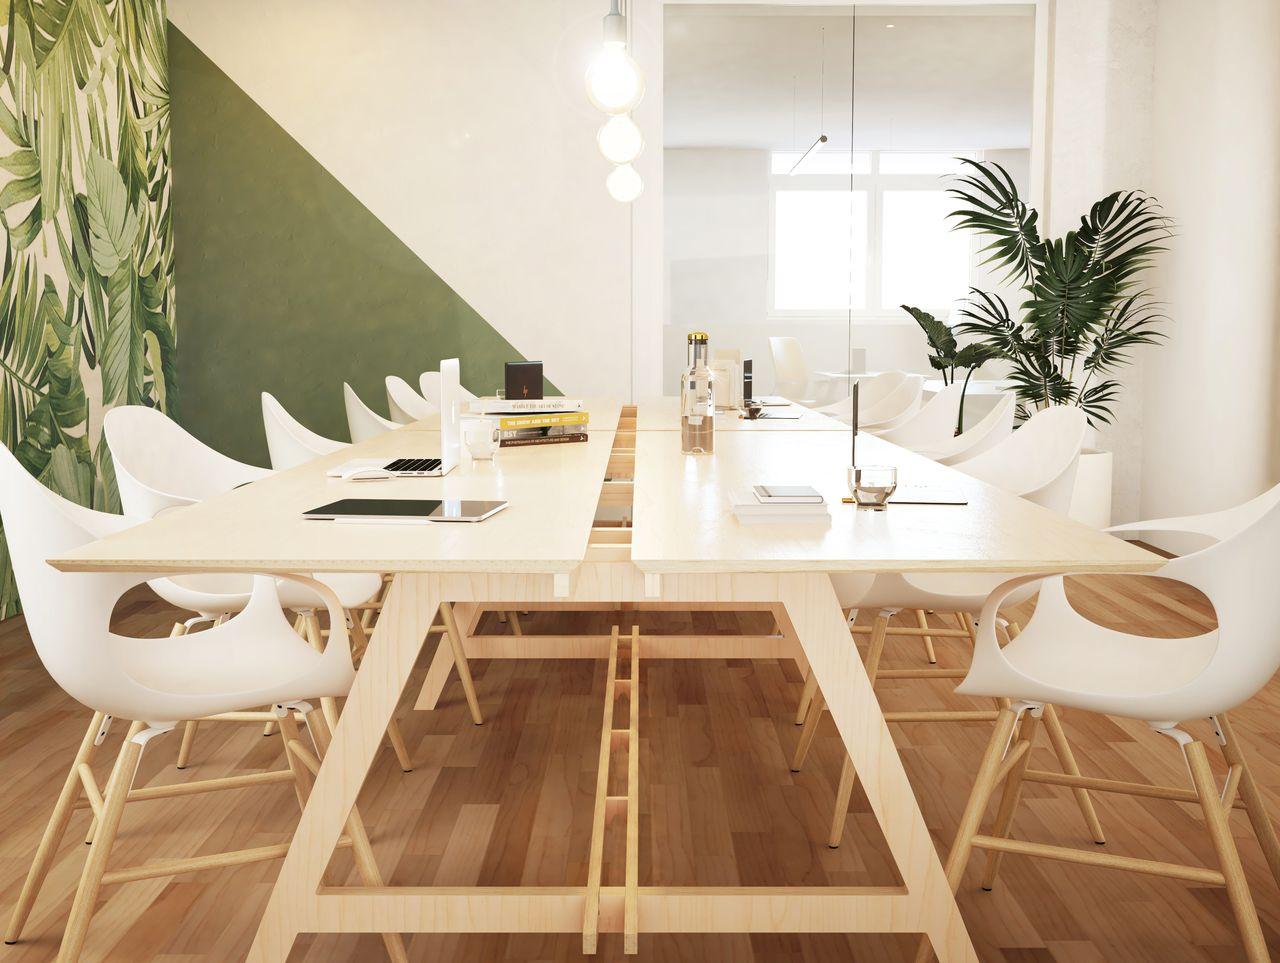 Table de réunion en bois dans une salle de réunion style scandinave